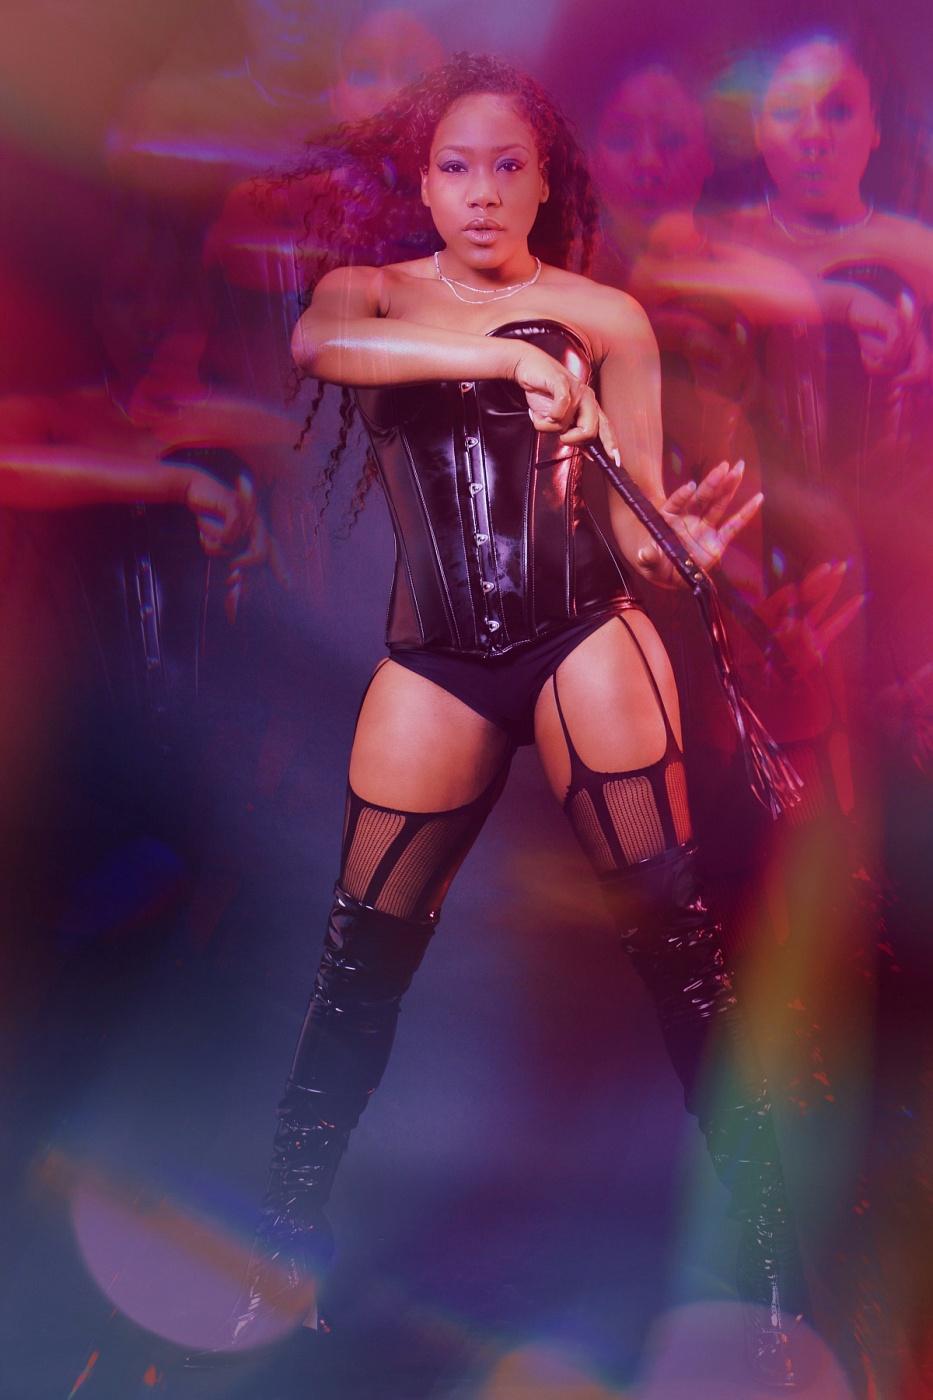 Mistress Nicky Valentine